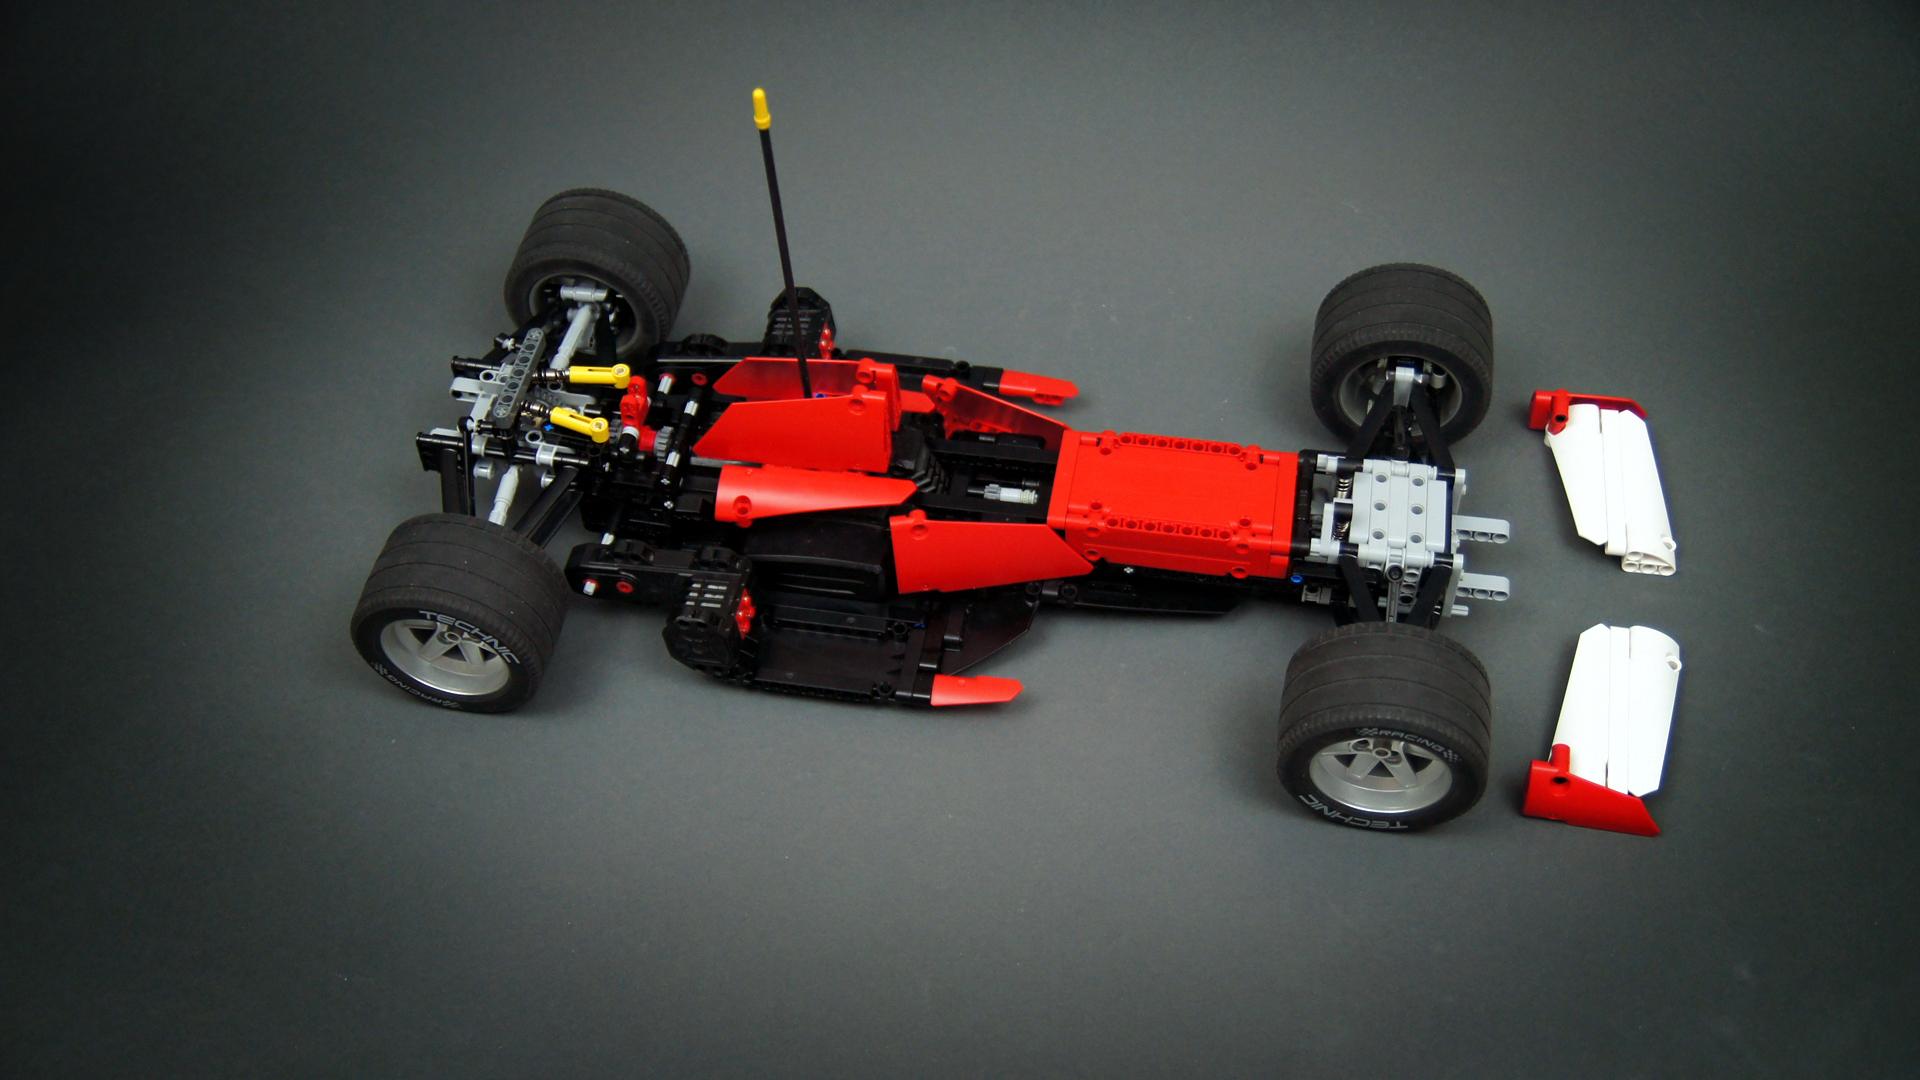 f1 car lego technic mindstorms model team. Black Bedroom Furniture Sets. Home Design Ideas